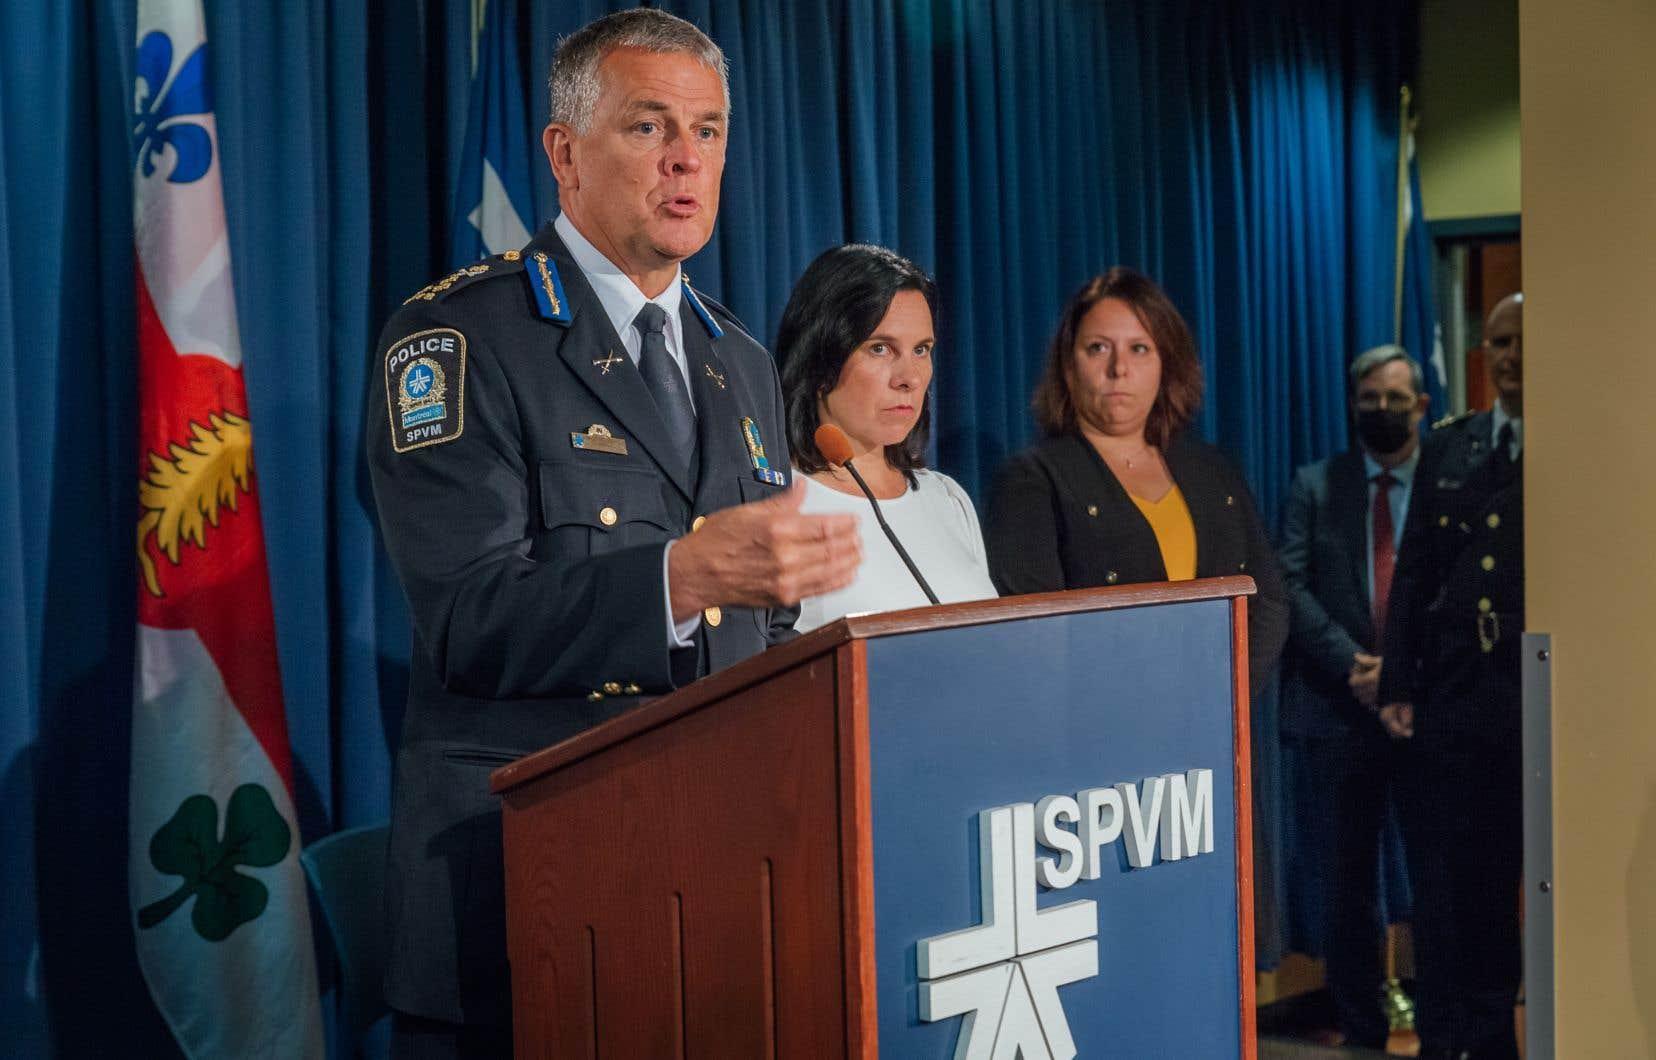 La mairesse de Montréal, Valérie Plante, et le directeur du Service de police de la Ville de Montréal (SPVM), Sylvain Caron, ont annoncé dimanche l'embauche de 42 nouveaux policiers pour combattre le trafic d'armes.